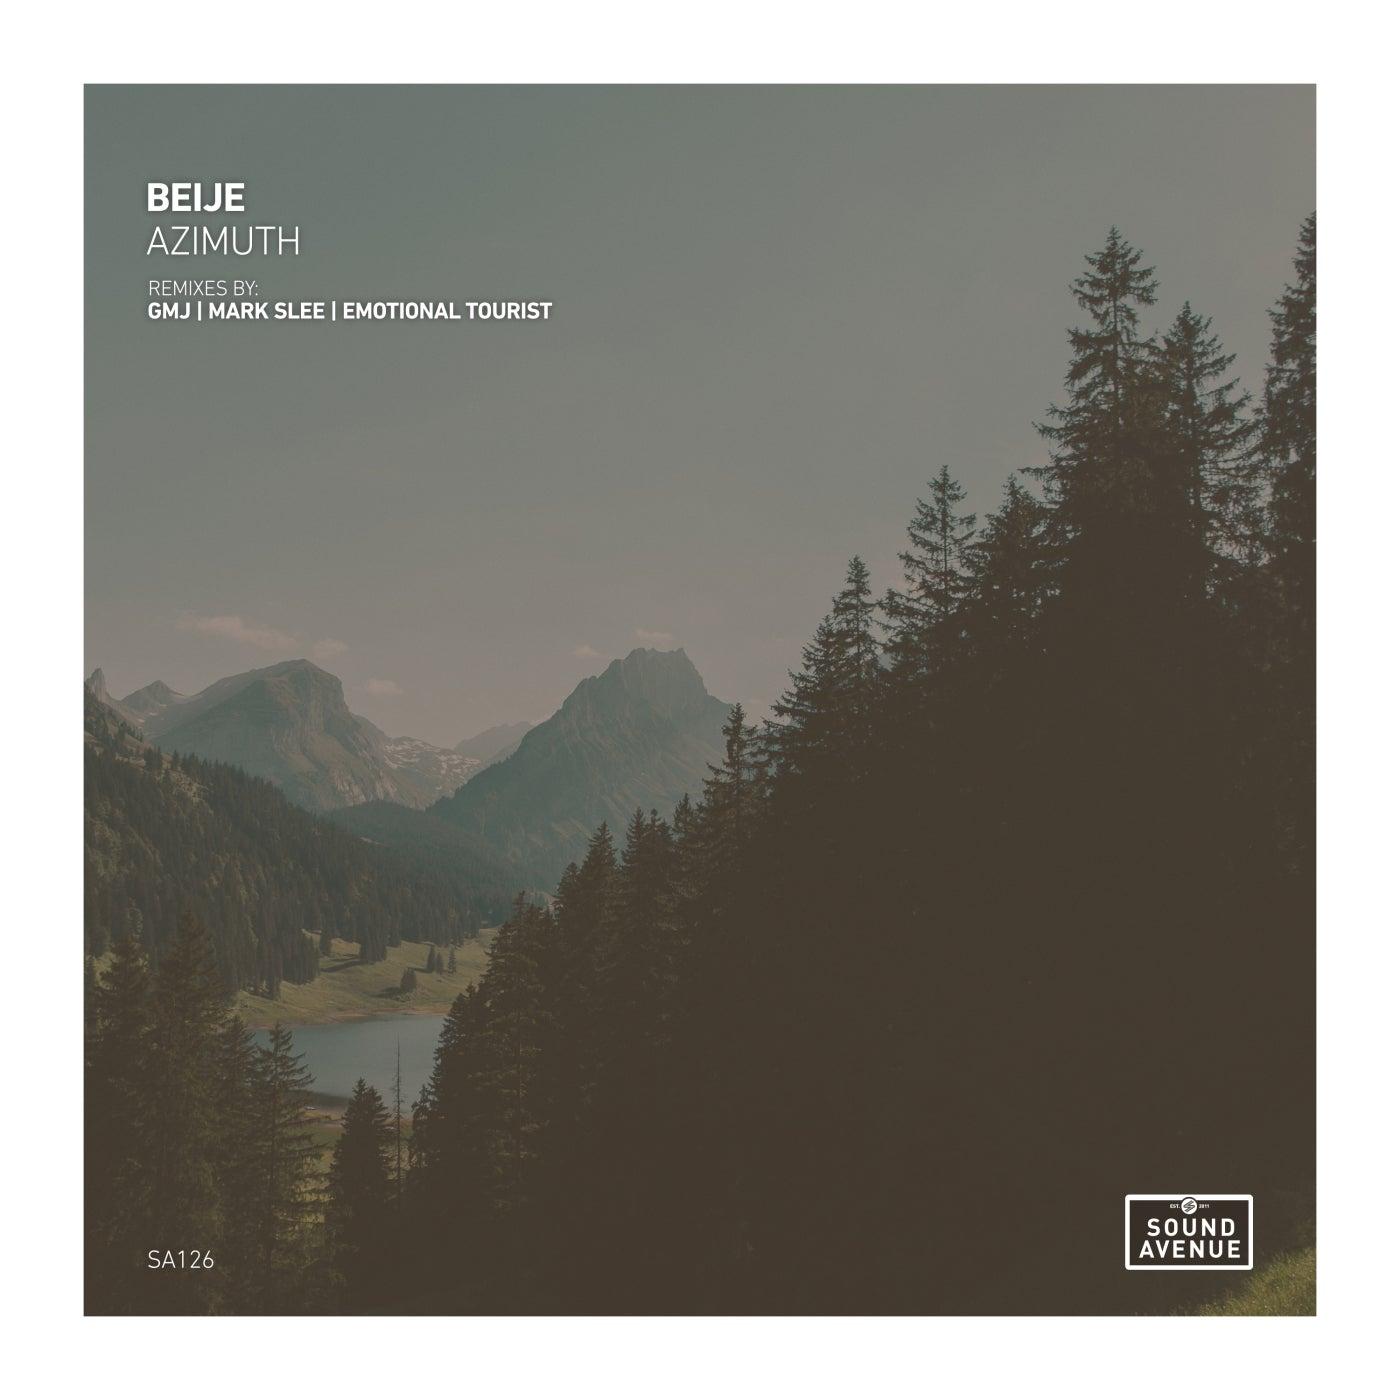 Azimuth (GMJ Remix)